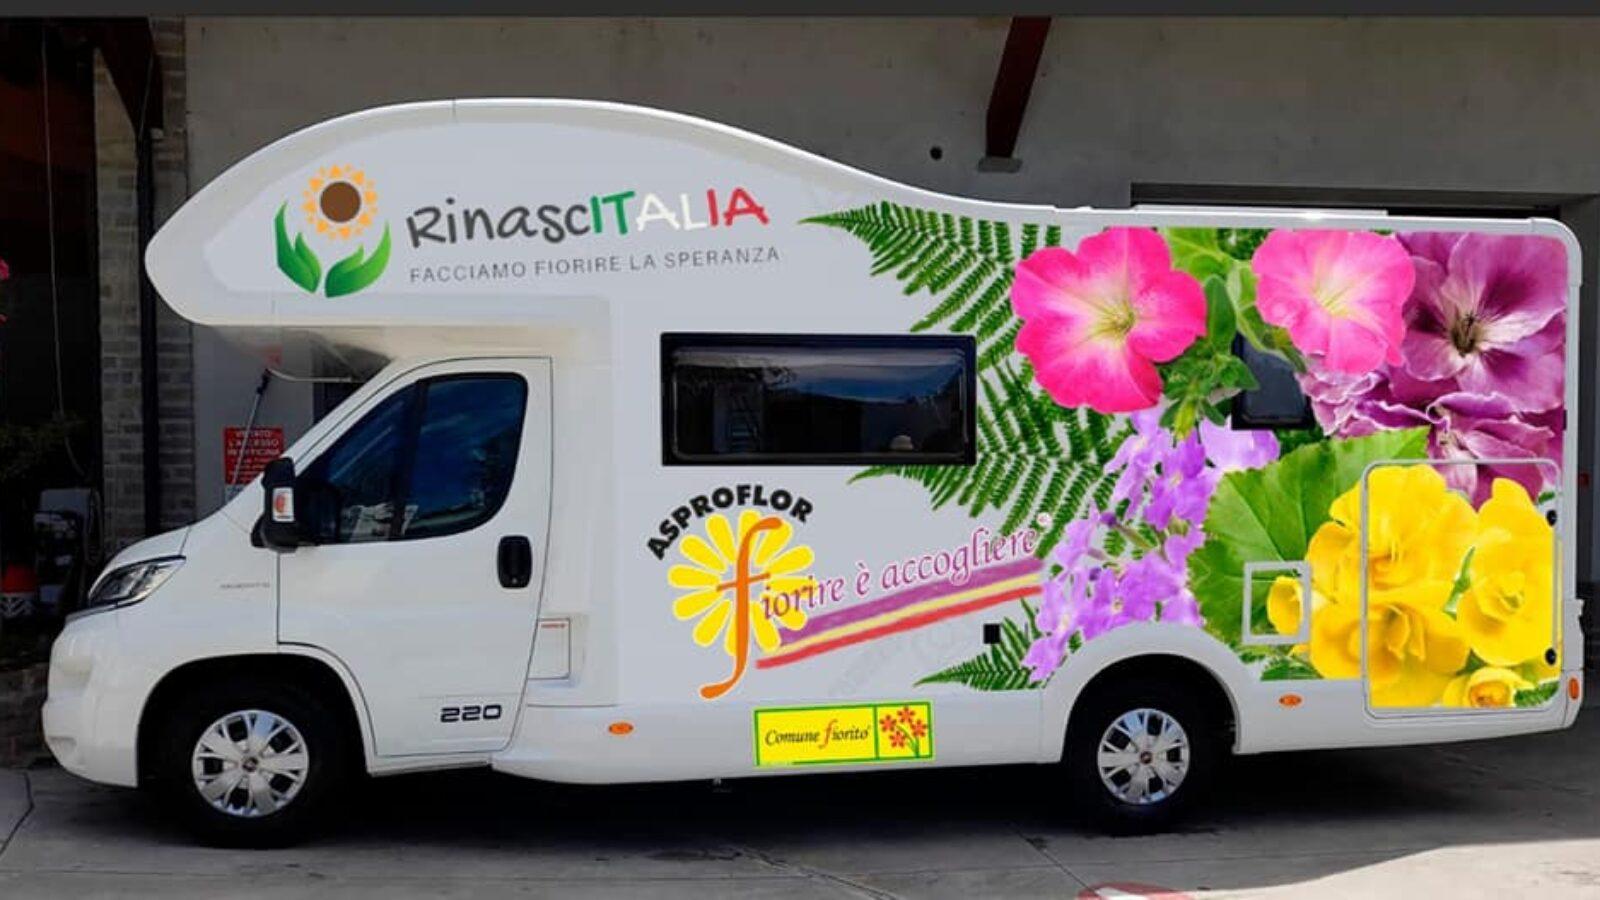 Un tour di 9000 chilometri per RinascITALIA – Facciamo fiorire la speranza